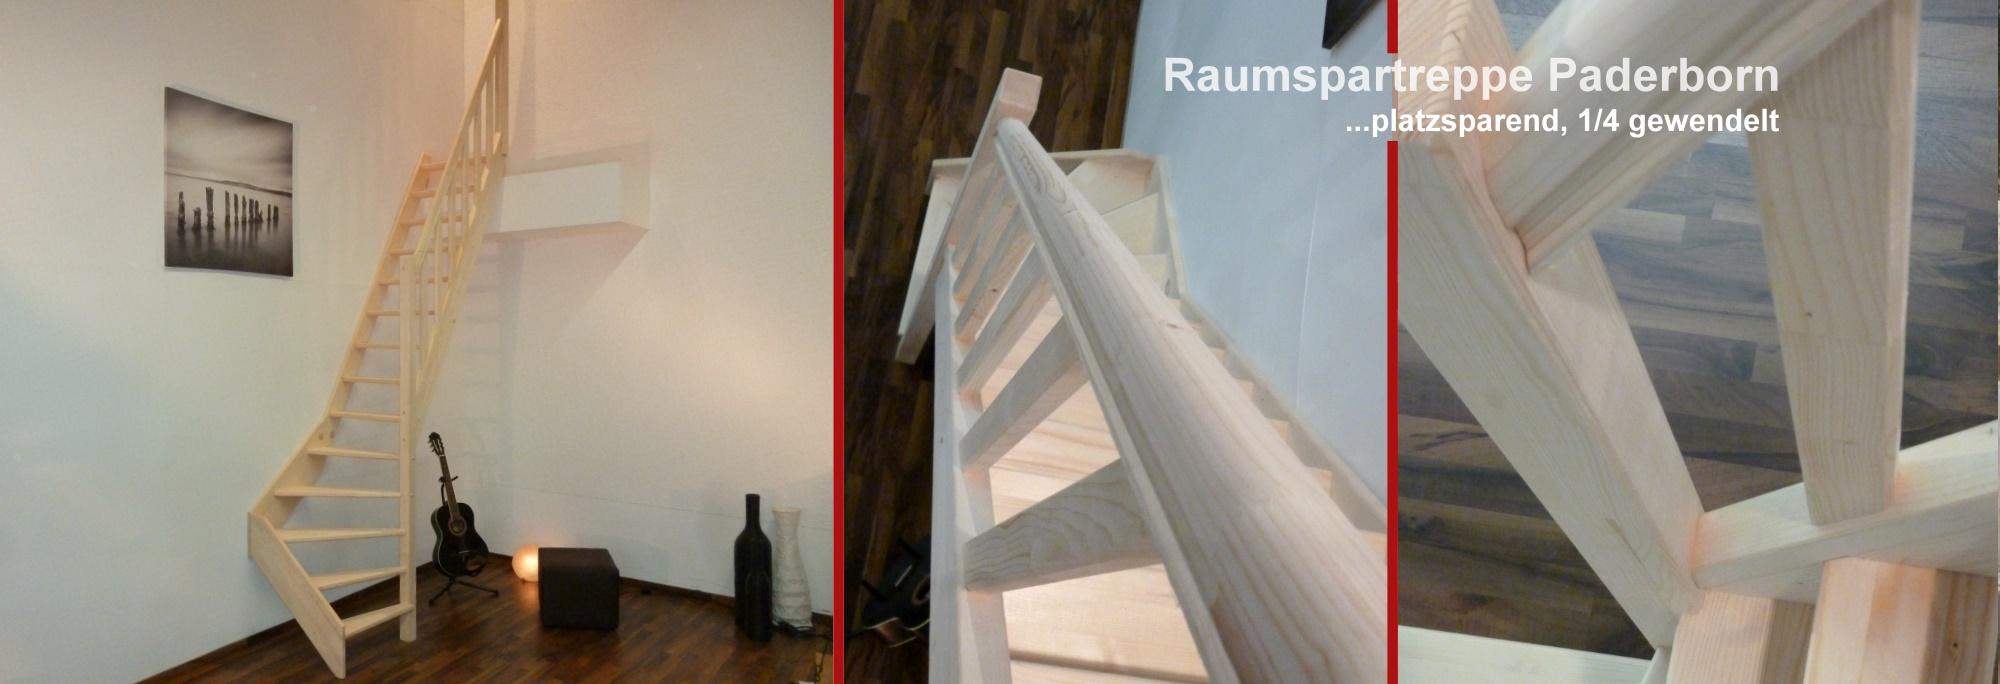 Dachbodentreppen